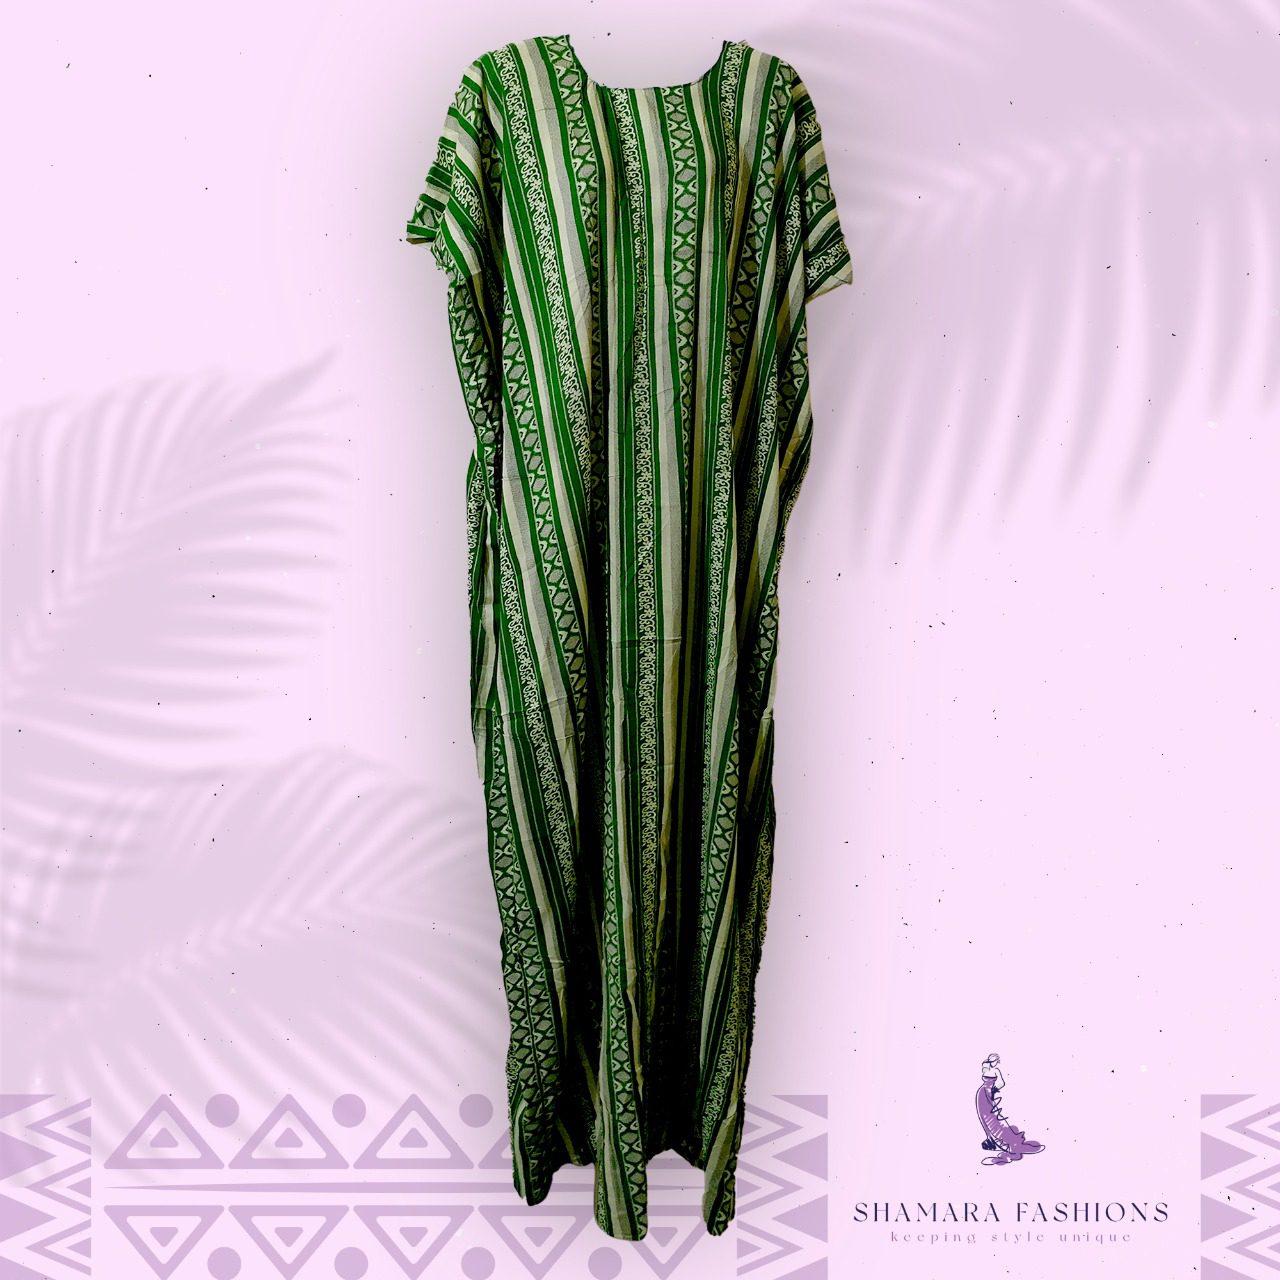 Shamara Fashions - Deras (4)